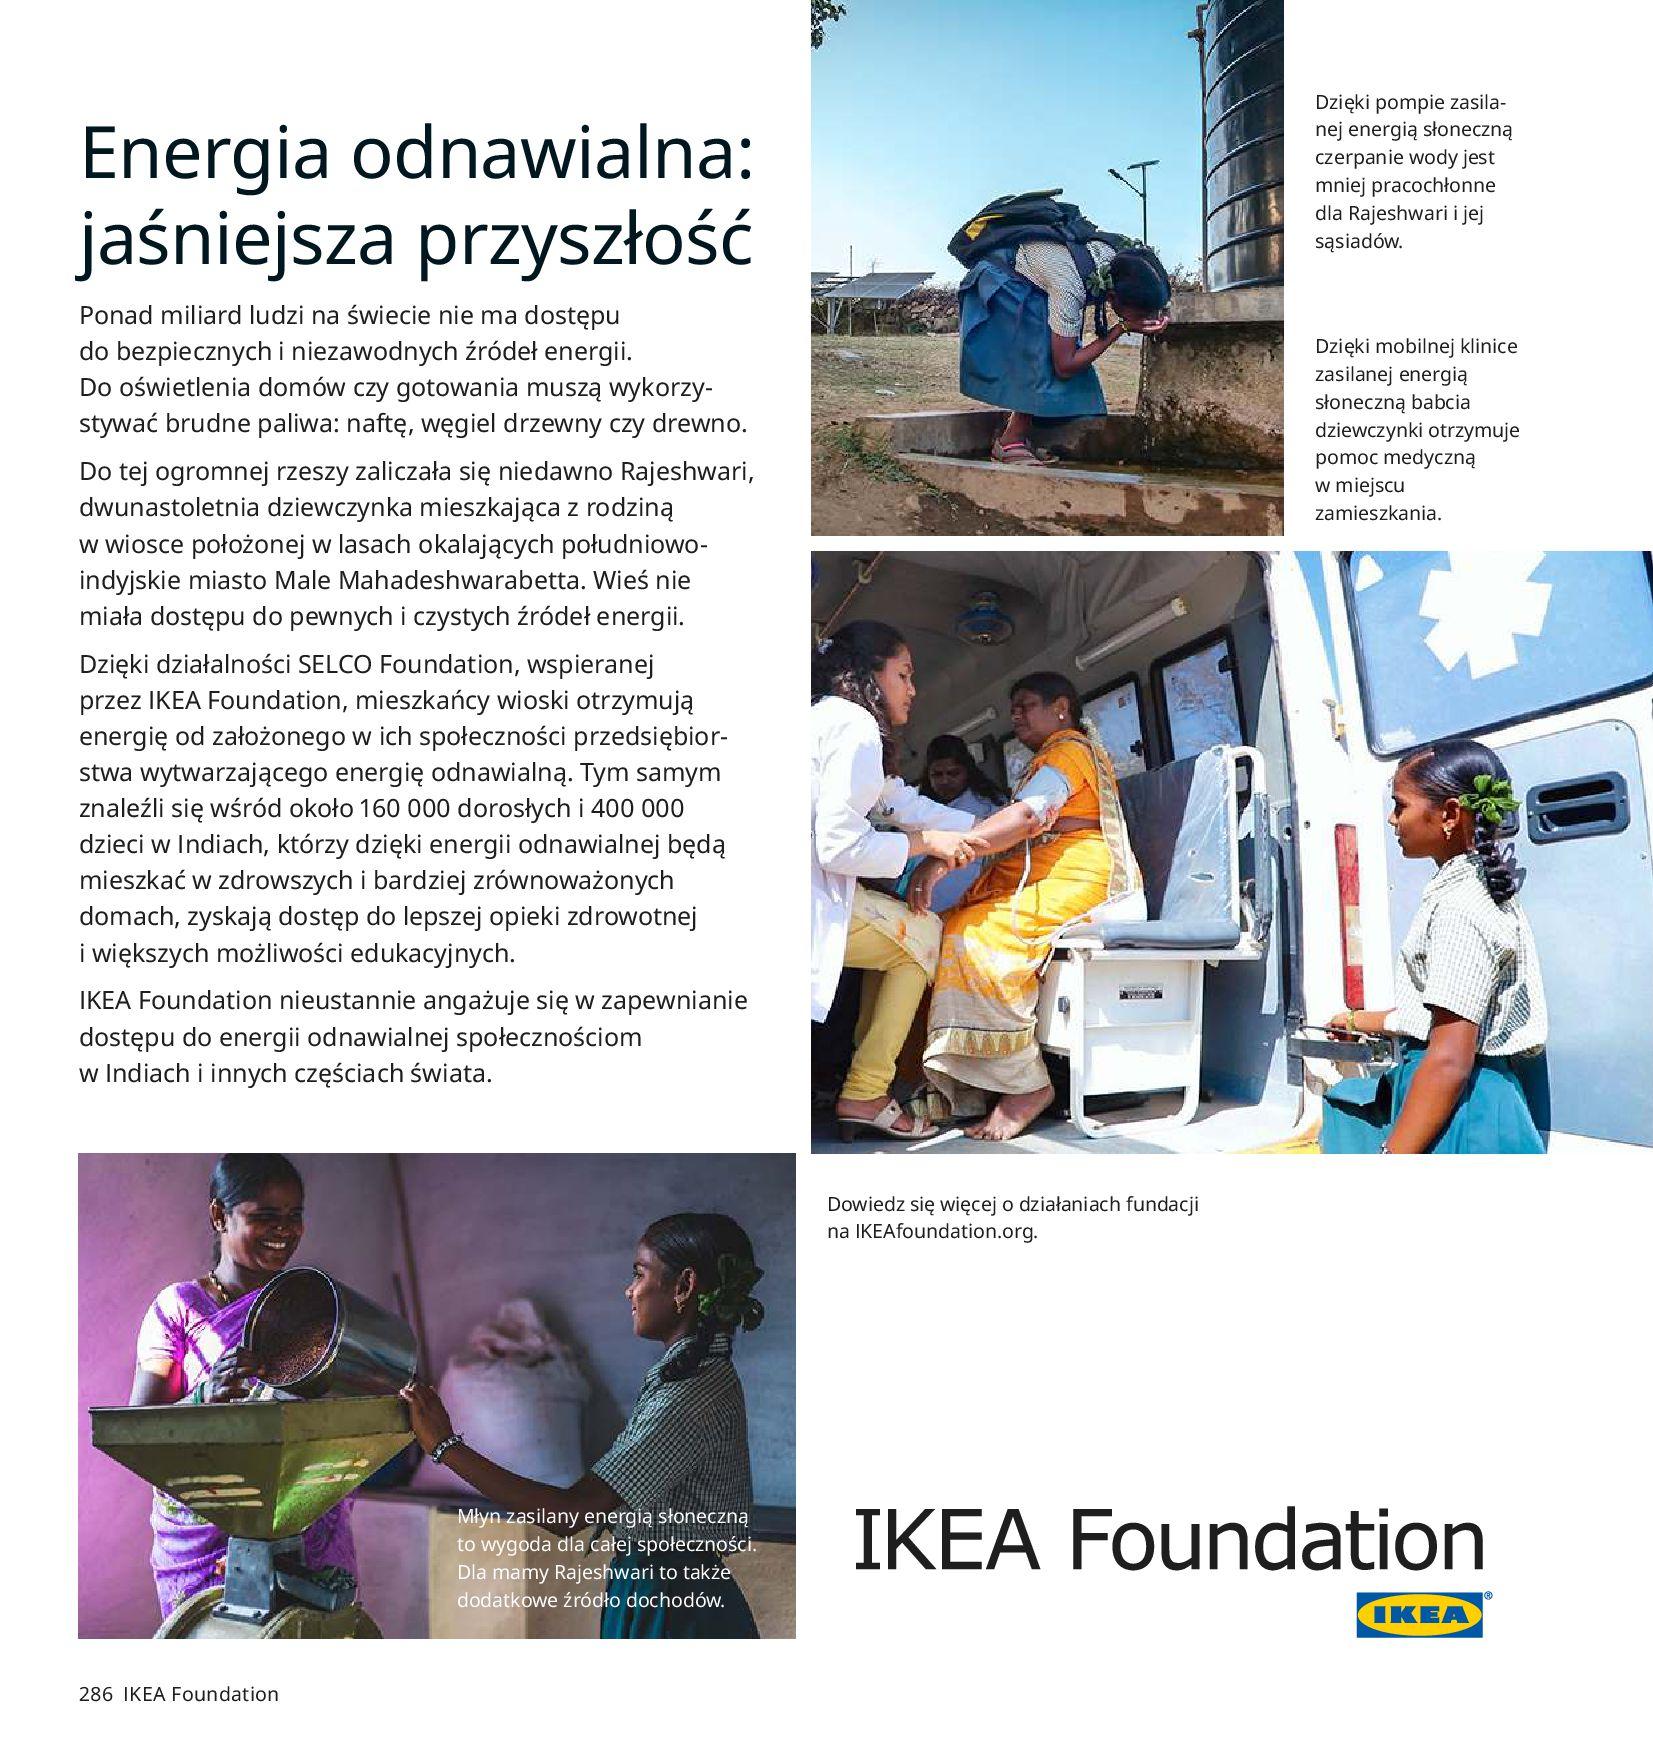 Gazetka IKEA - Katalog IKEA 2020-25.08.2019-31.07.2020-page-286